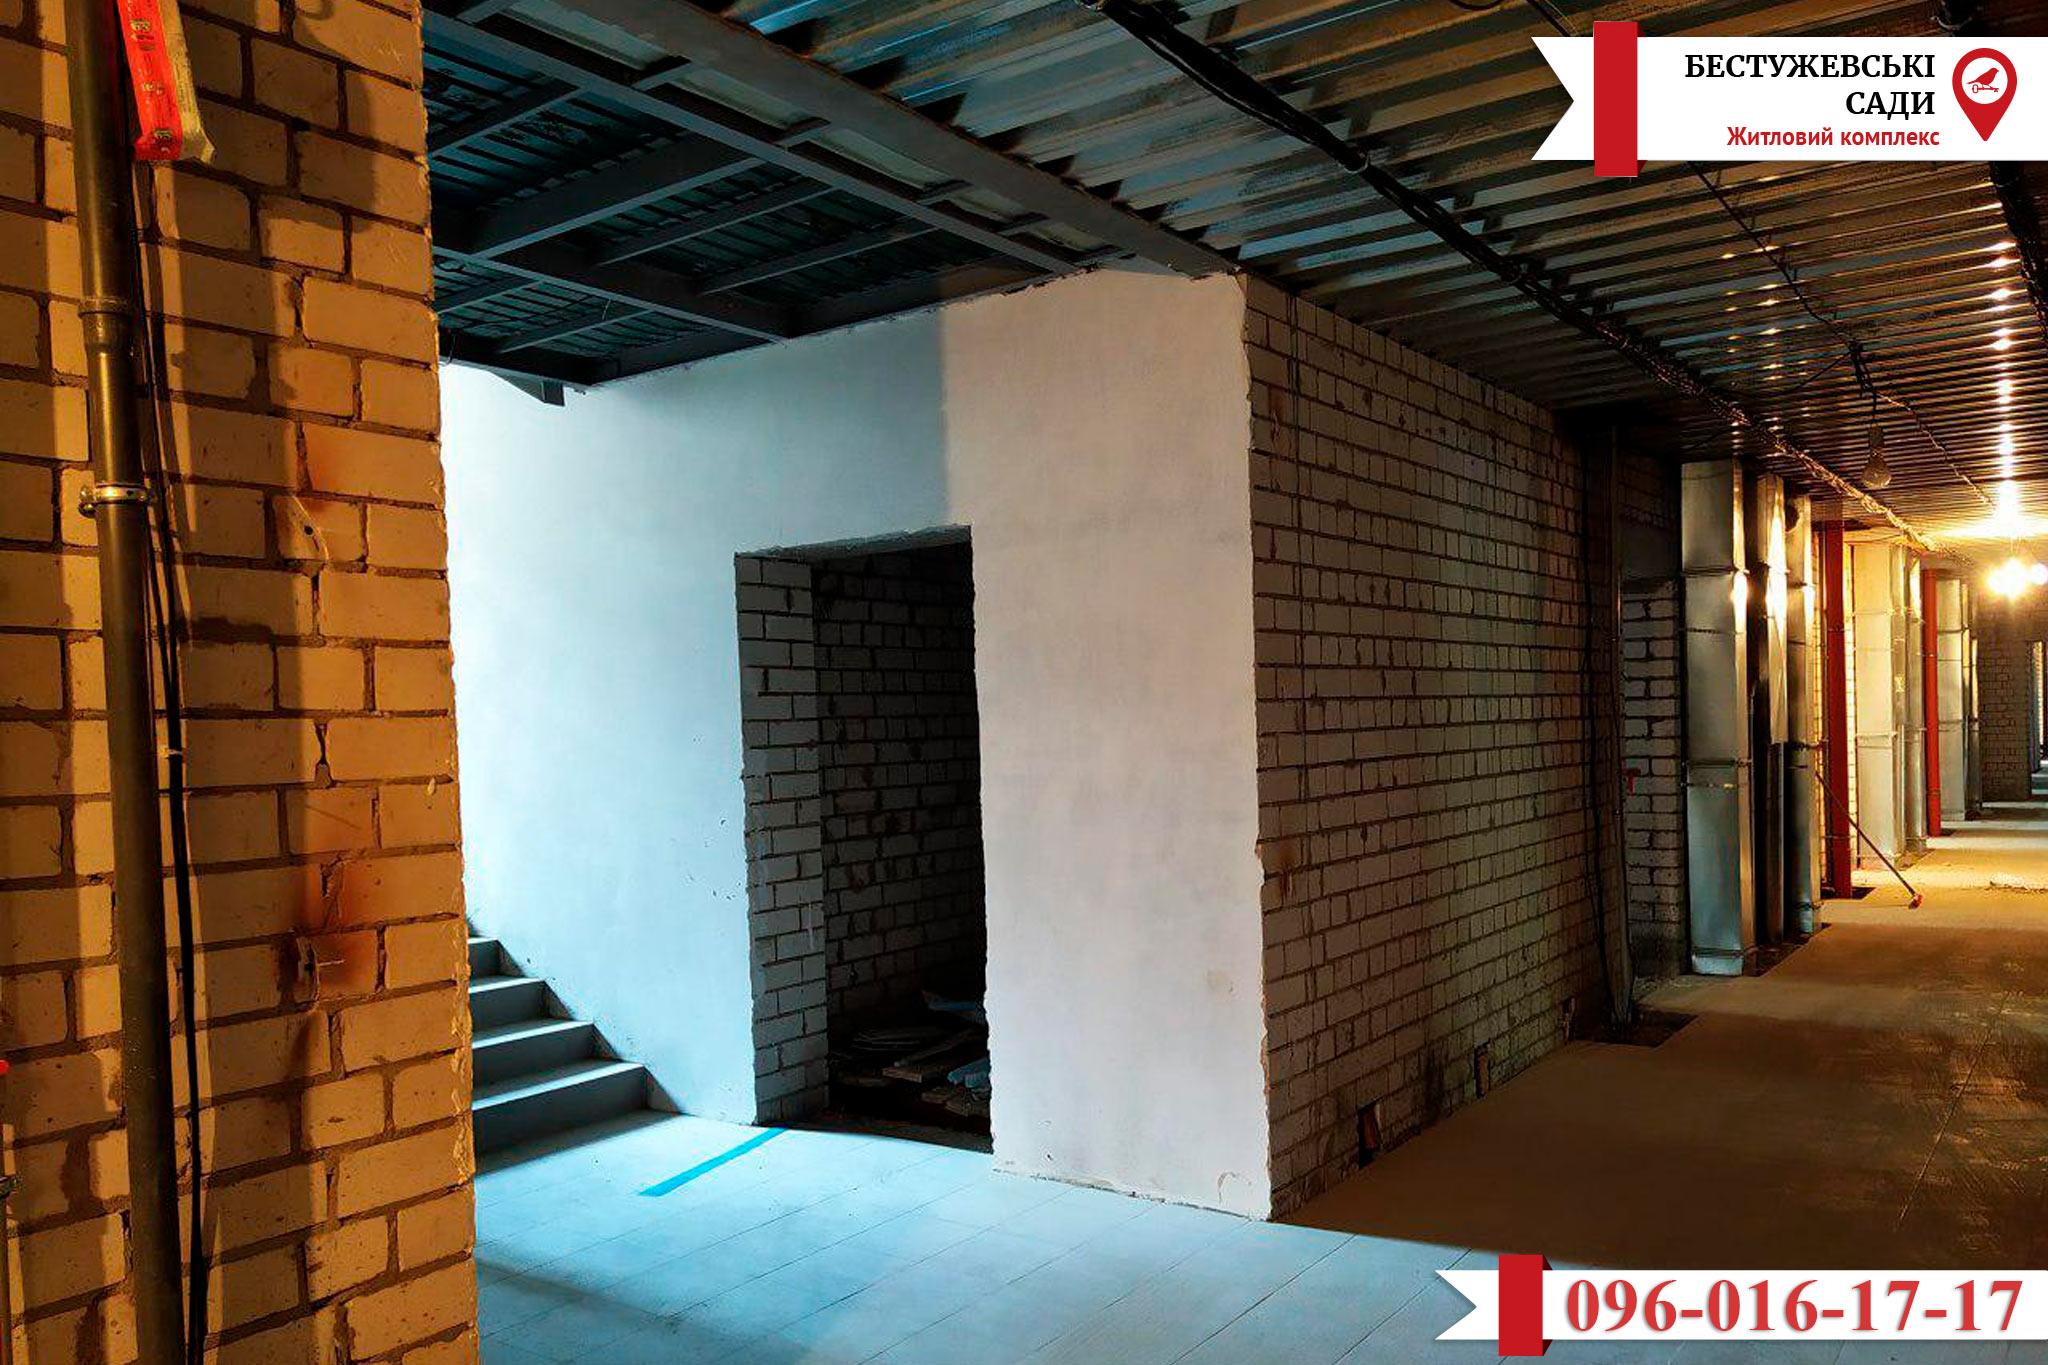 """На етапі завершення знаходиться будівництво другого будинку в ЖК """"Бестужевські сади""""!"""